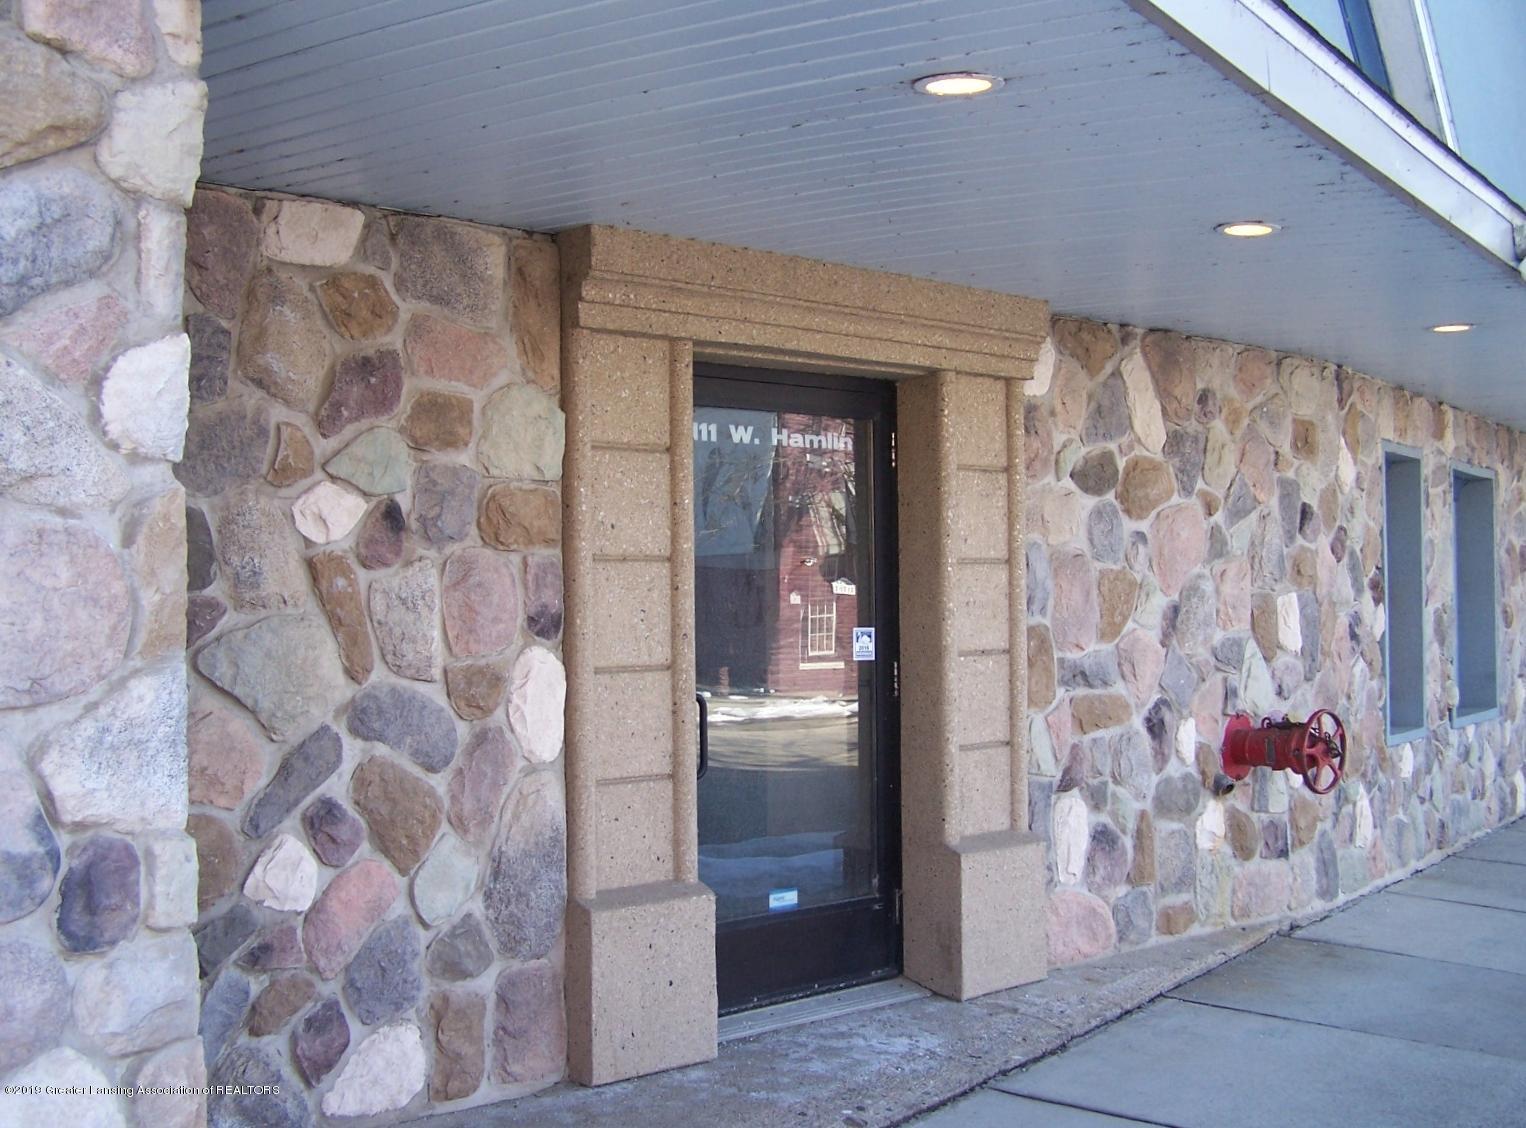 111 W Hamlin St - front door - 2